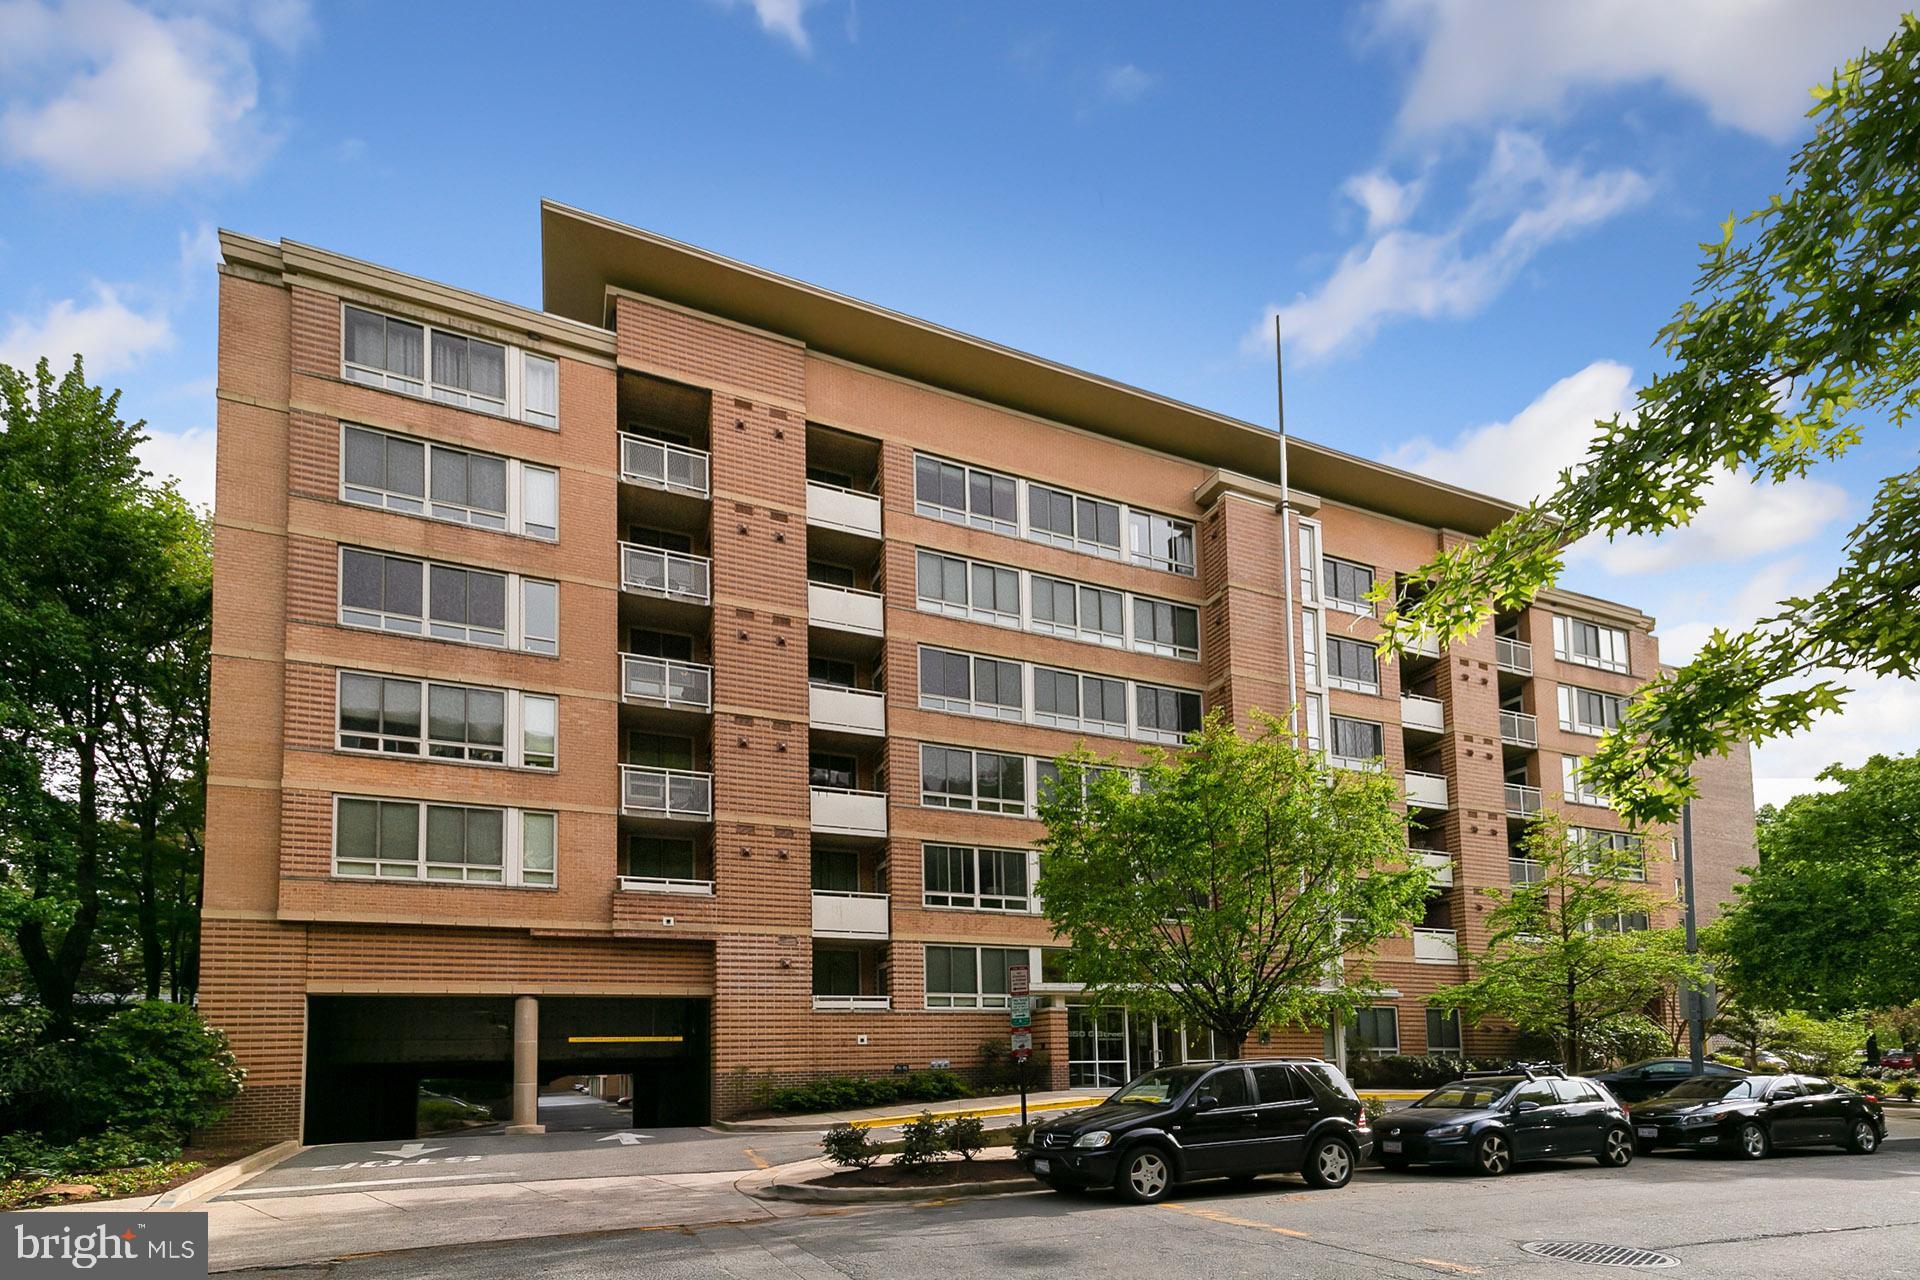 350 G STREET SW N511, WASHINGTON, DC 20024